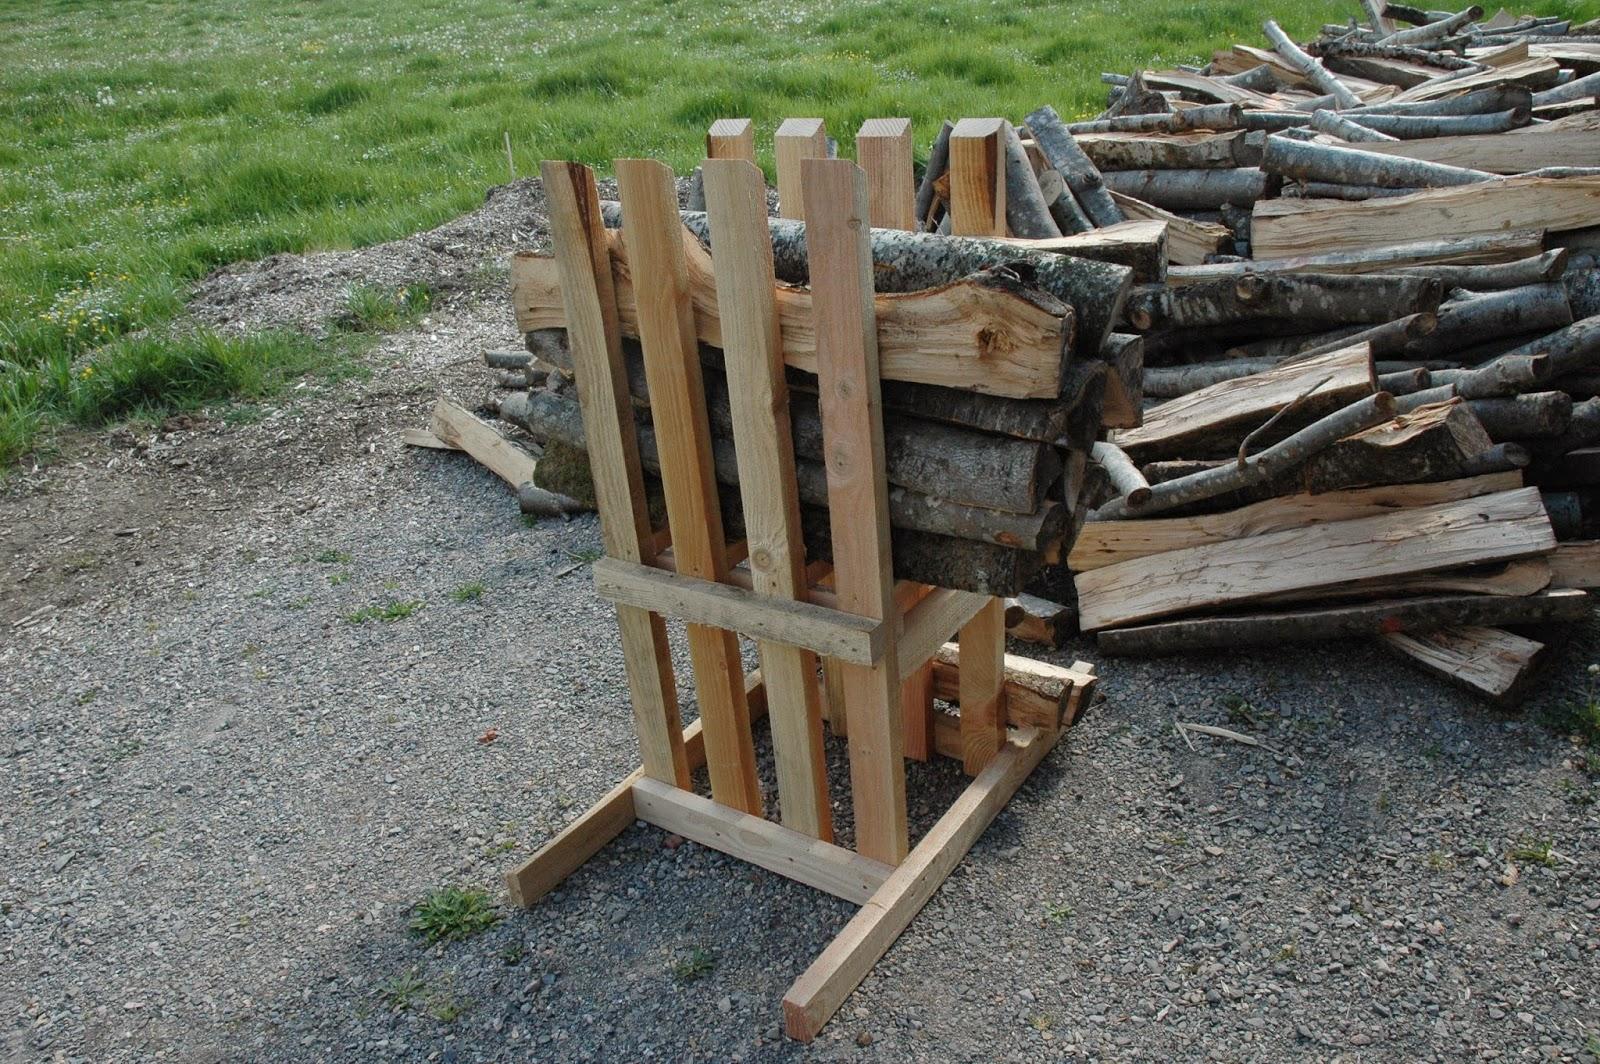 fabriquer une chevre pour couper le bois bande. Black Bedroom Furniture Sets. Home Design Ideas